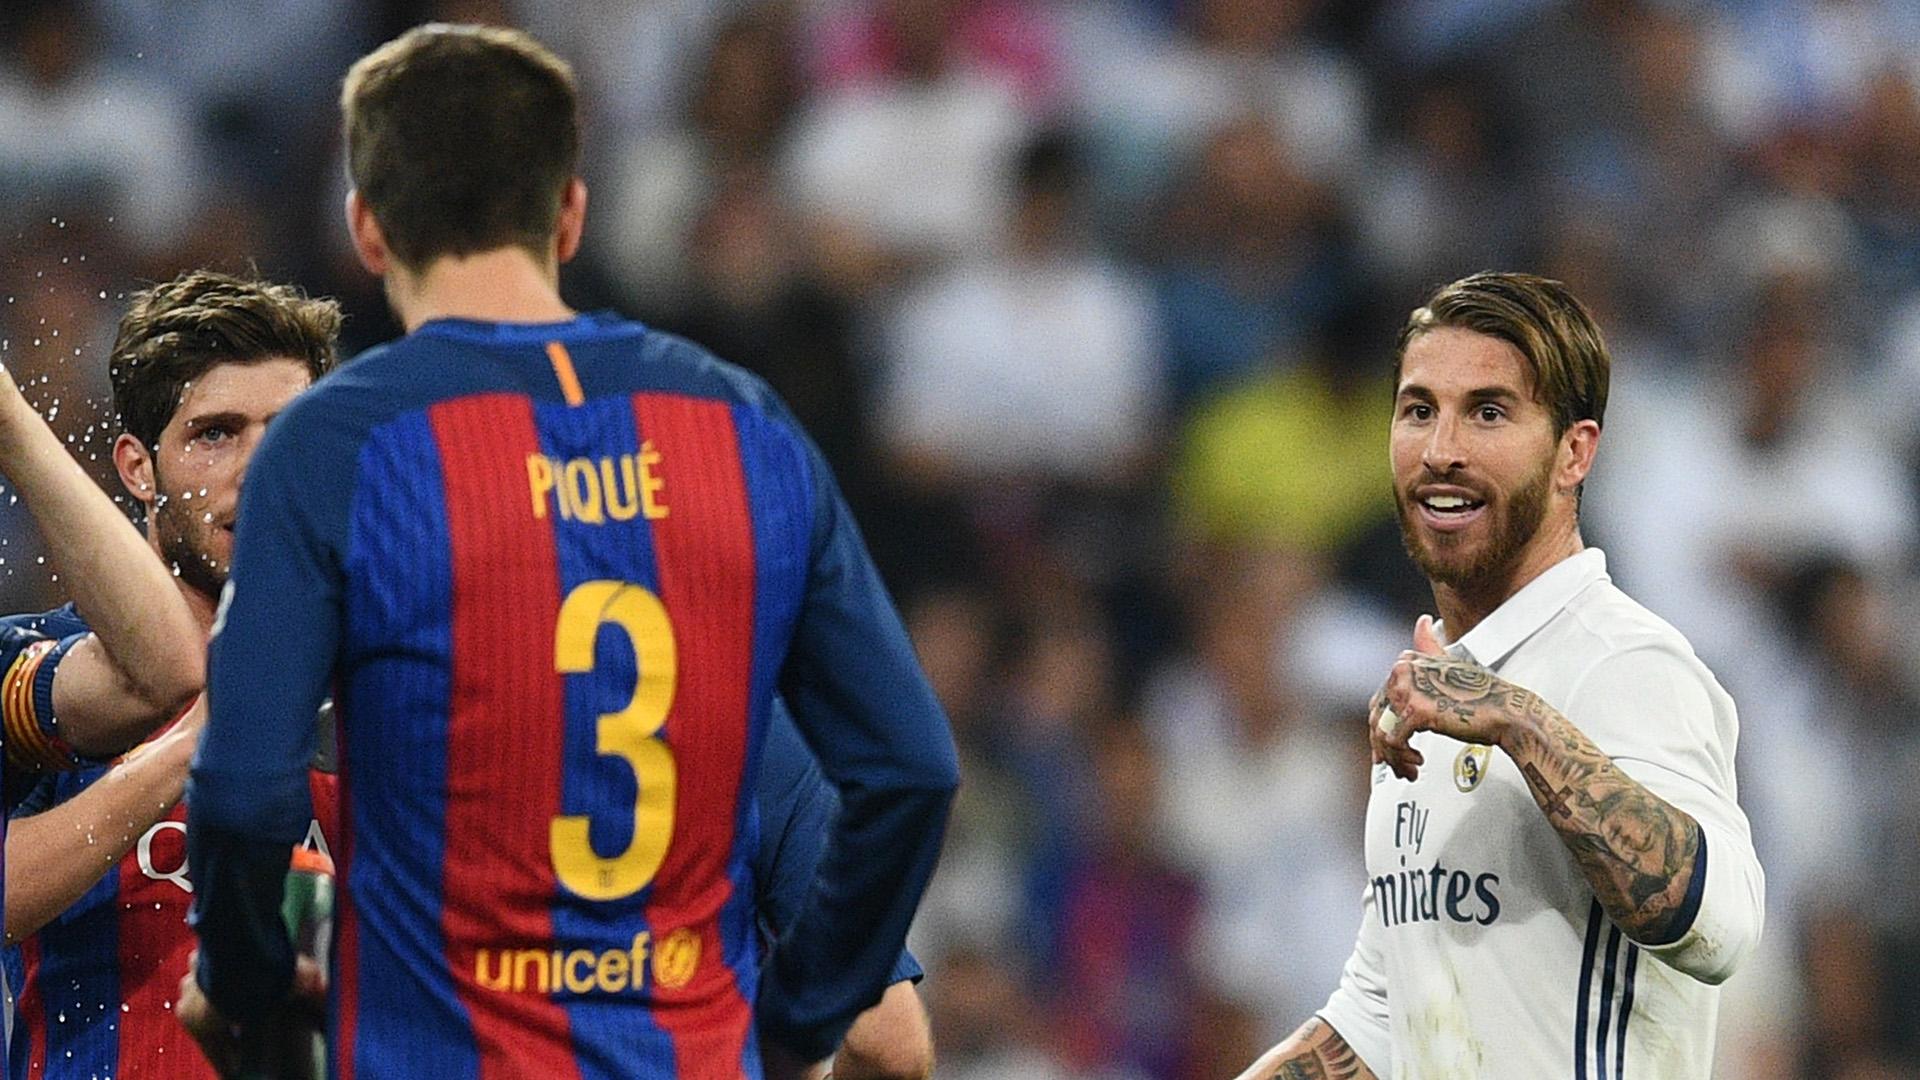 Pique Sergio Ramos Real Madrid Barcelona Primera Division 25042017